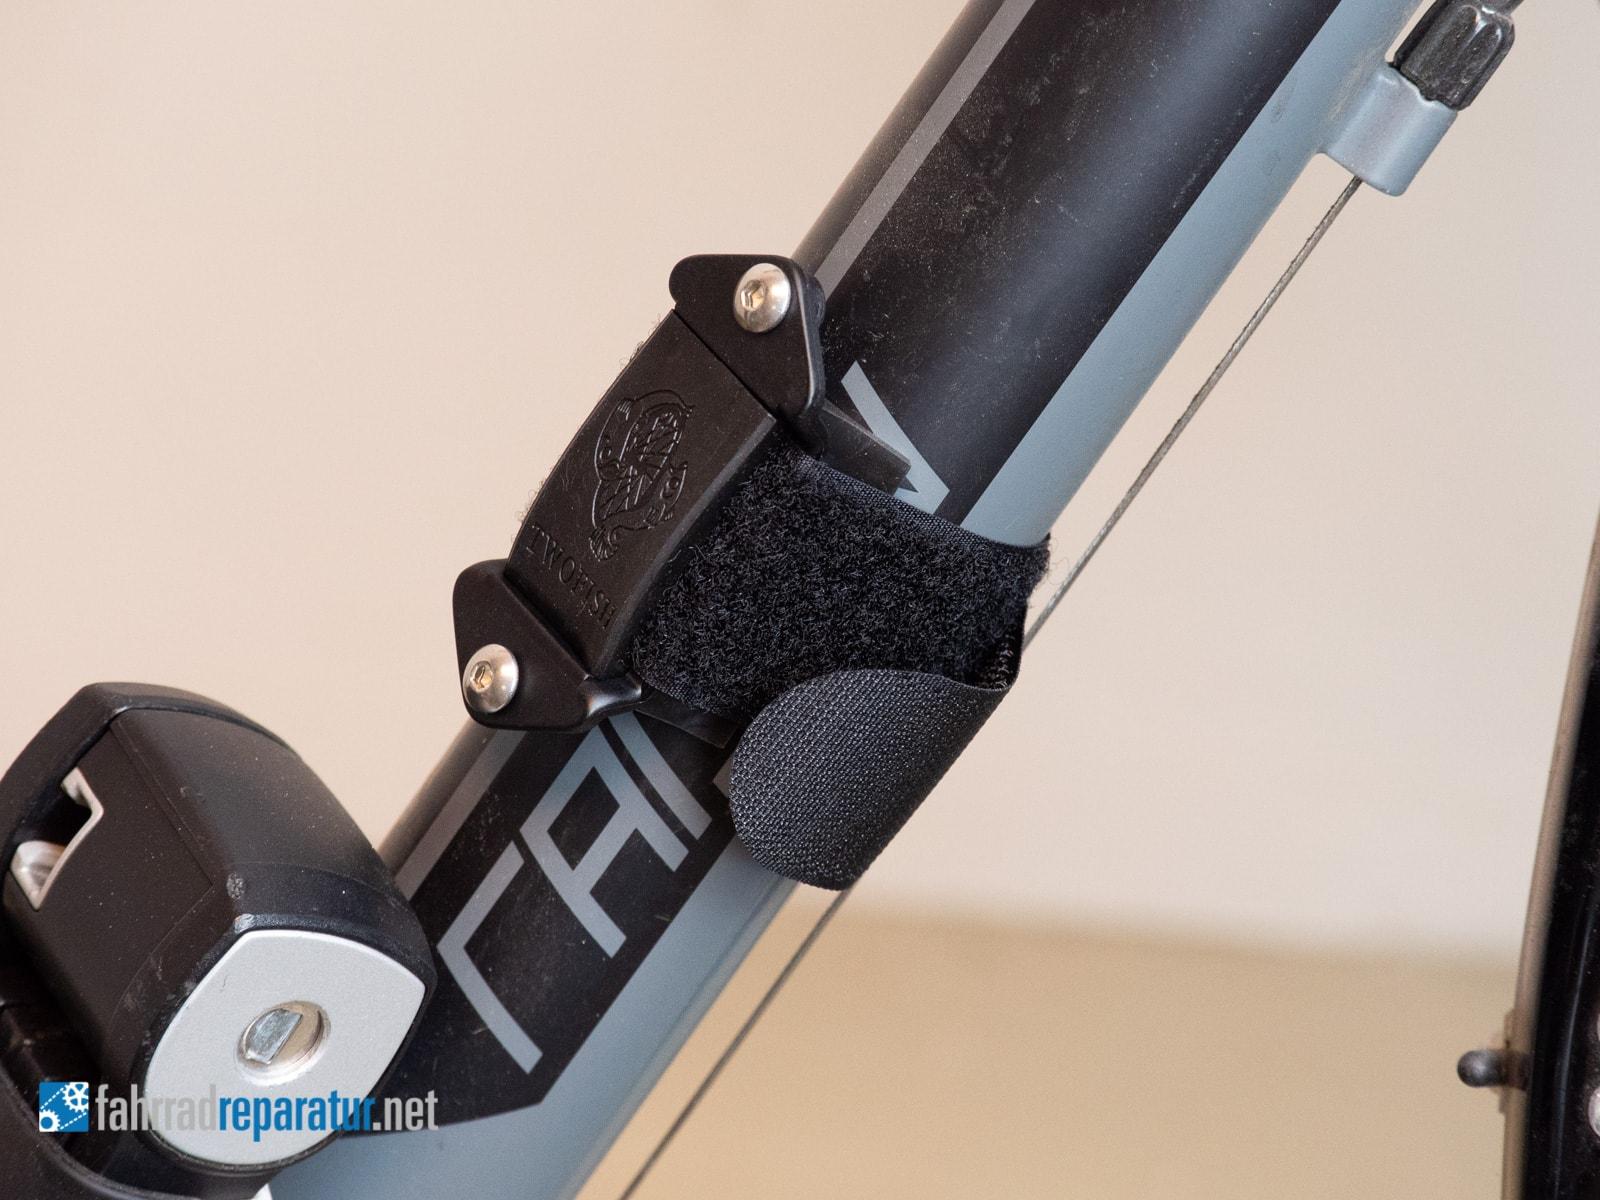 fahrrad flaschenhalter ohne schrauben test anleitung. Black Bedroom Furniture Sets. Home Design Ideas